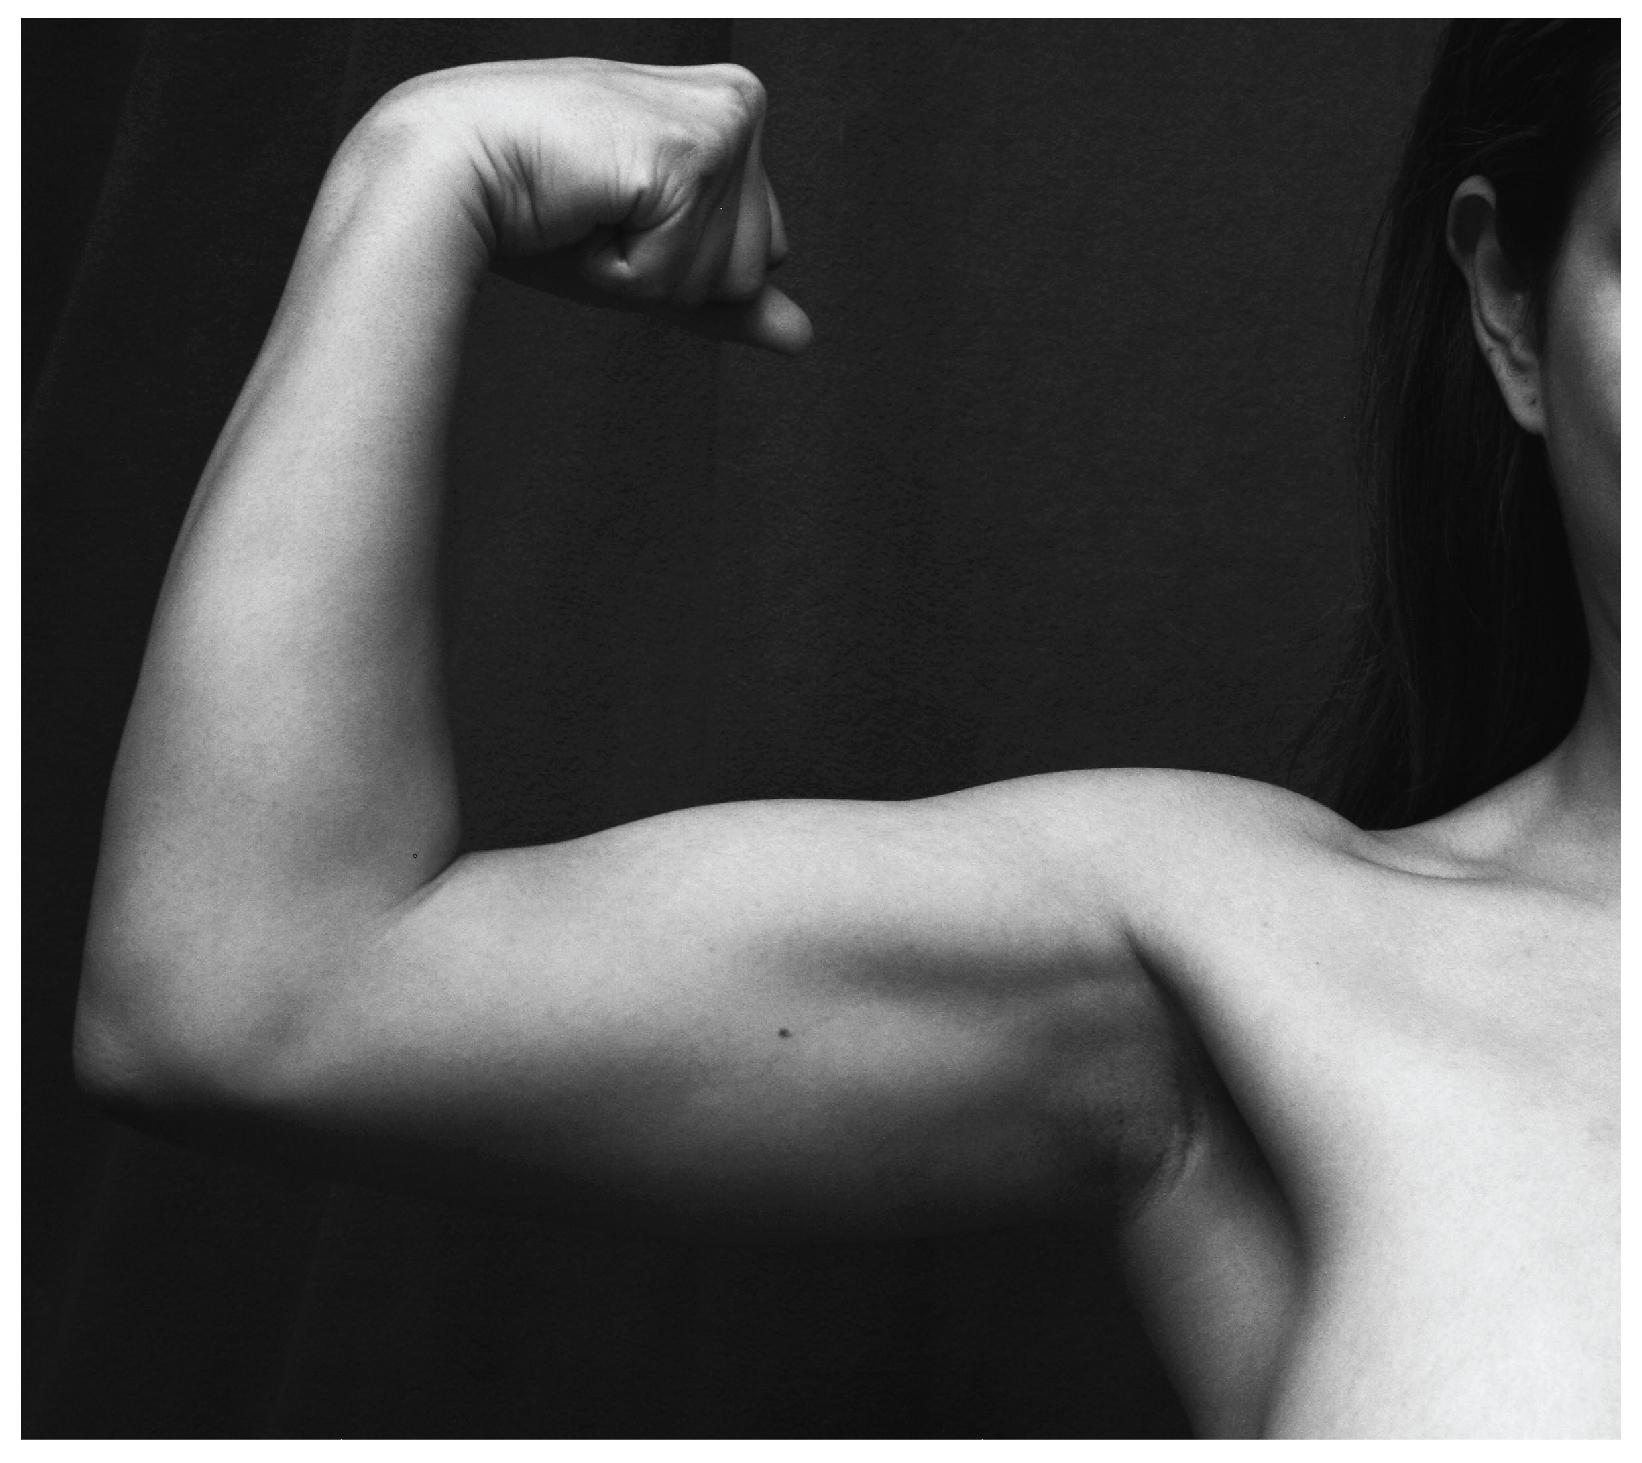 صوره كم عدد عضلات جسم الانسان , تعرف على اهمية عضلات جسم الانسان وعددها